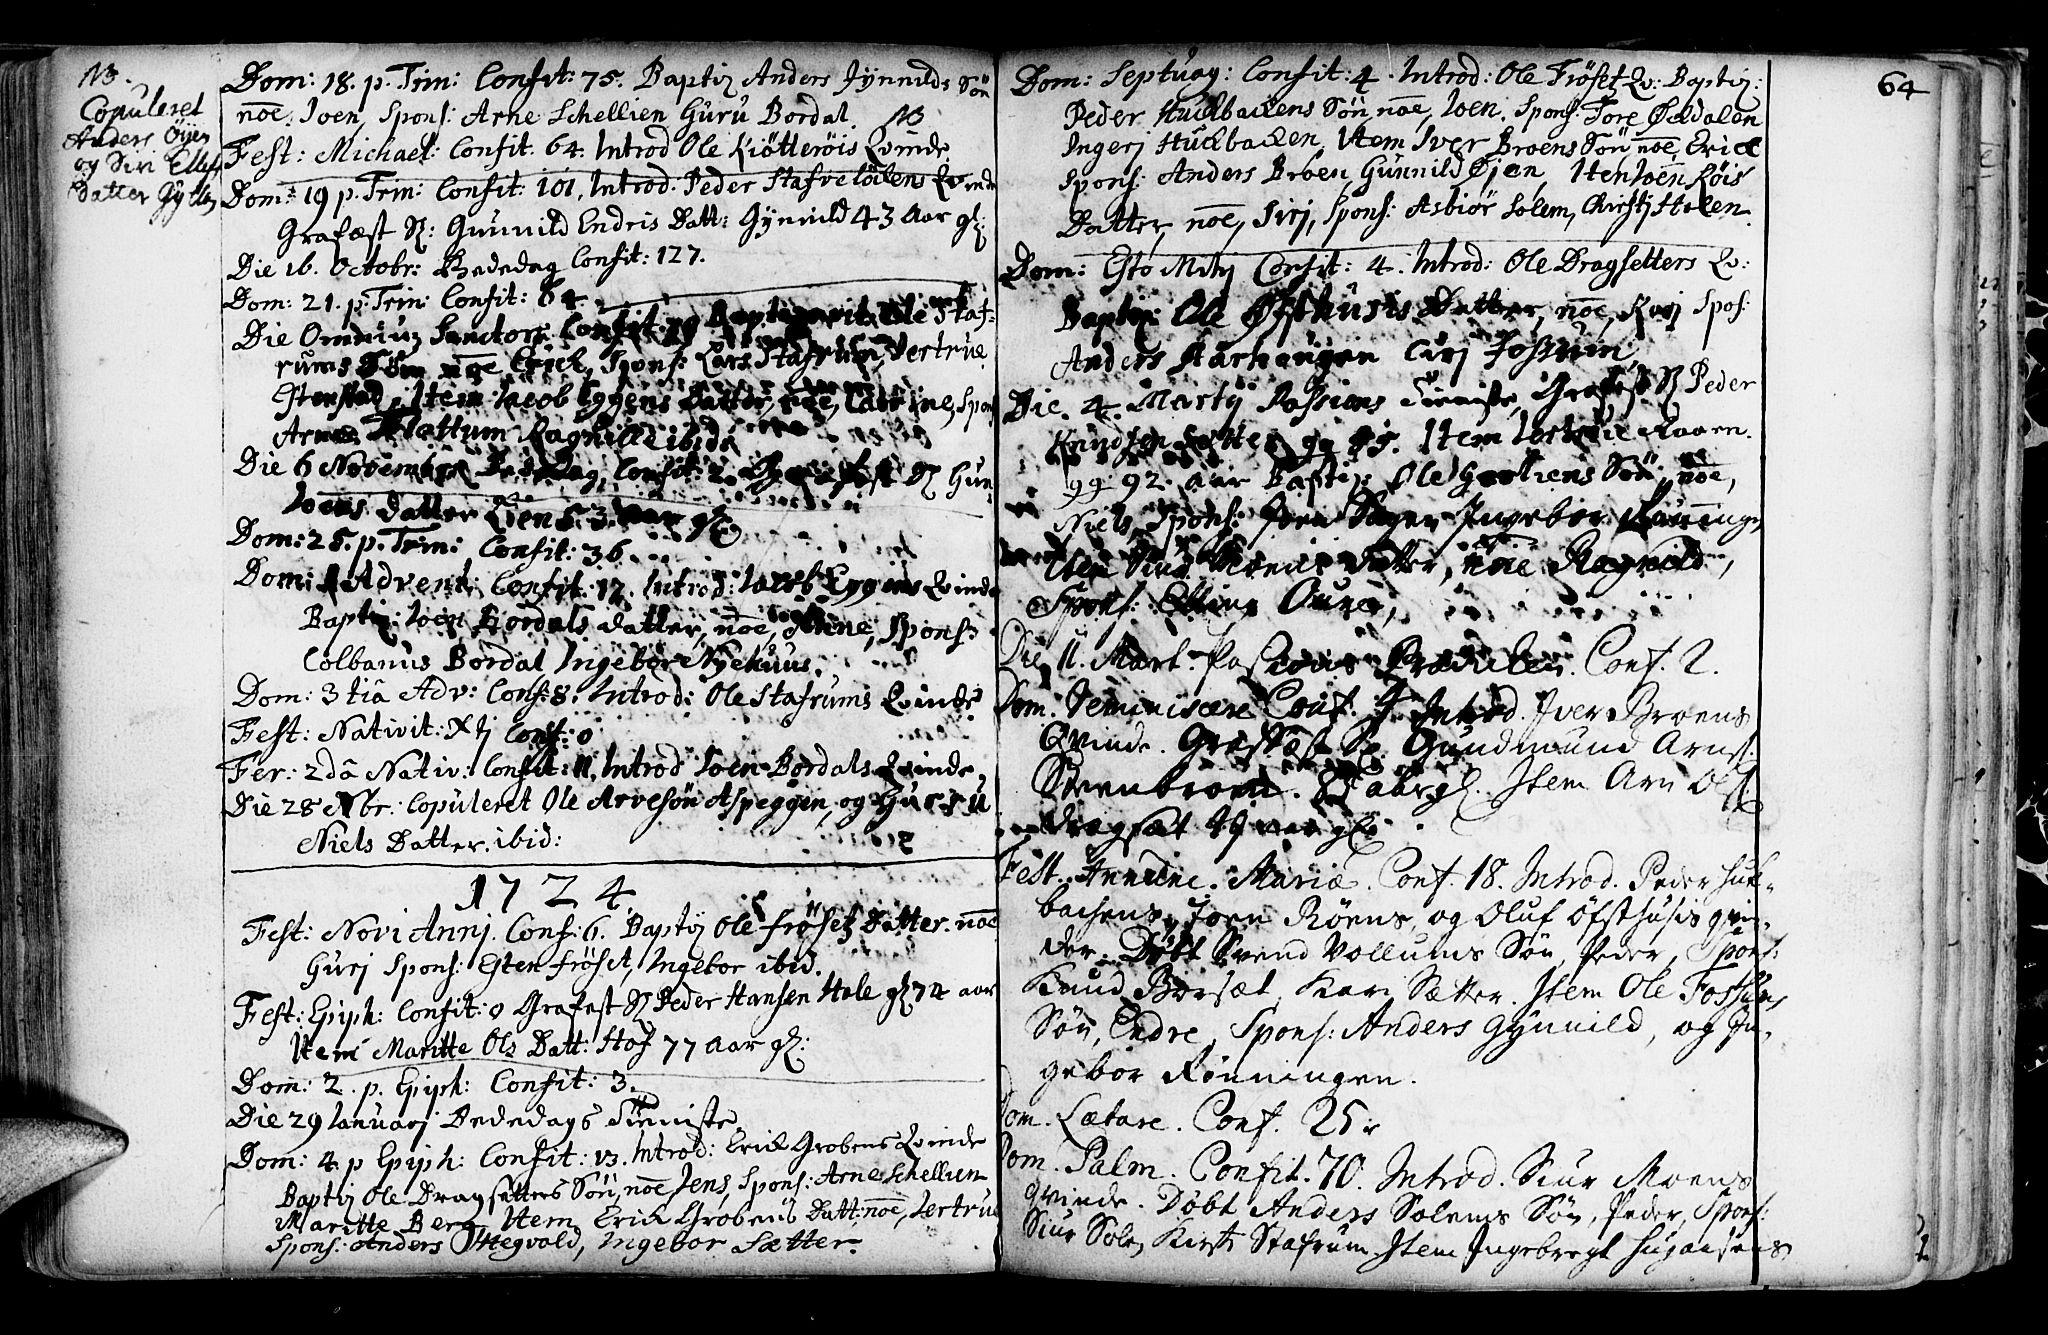 SAT, Ministerialprotokoller, klokkerbøker og fødselsregistre - Sør-Trøndelag, 689/L1036: Ministerialbok nr. 689A01, 1696-1746, s. 64